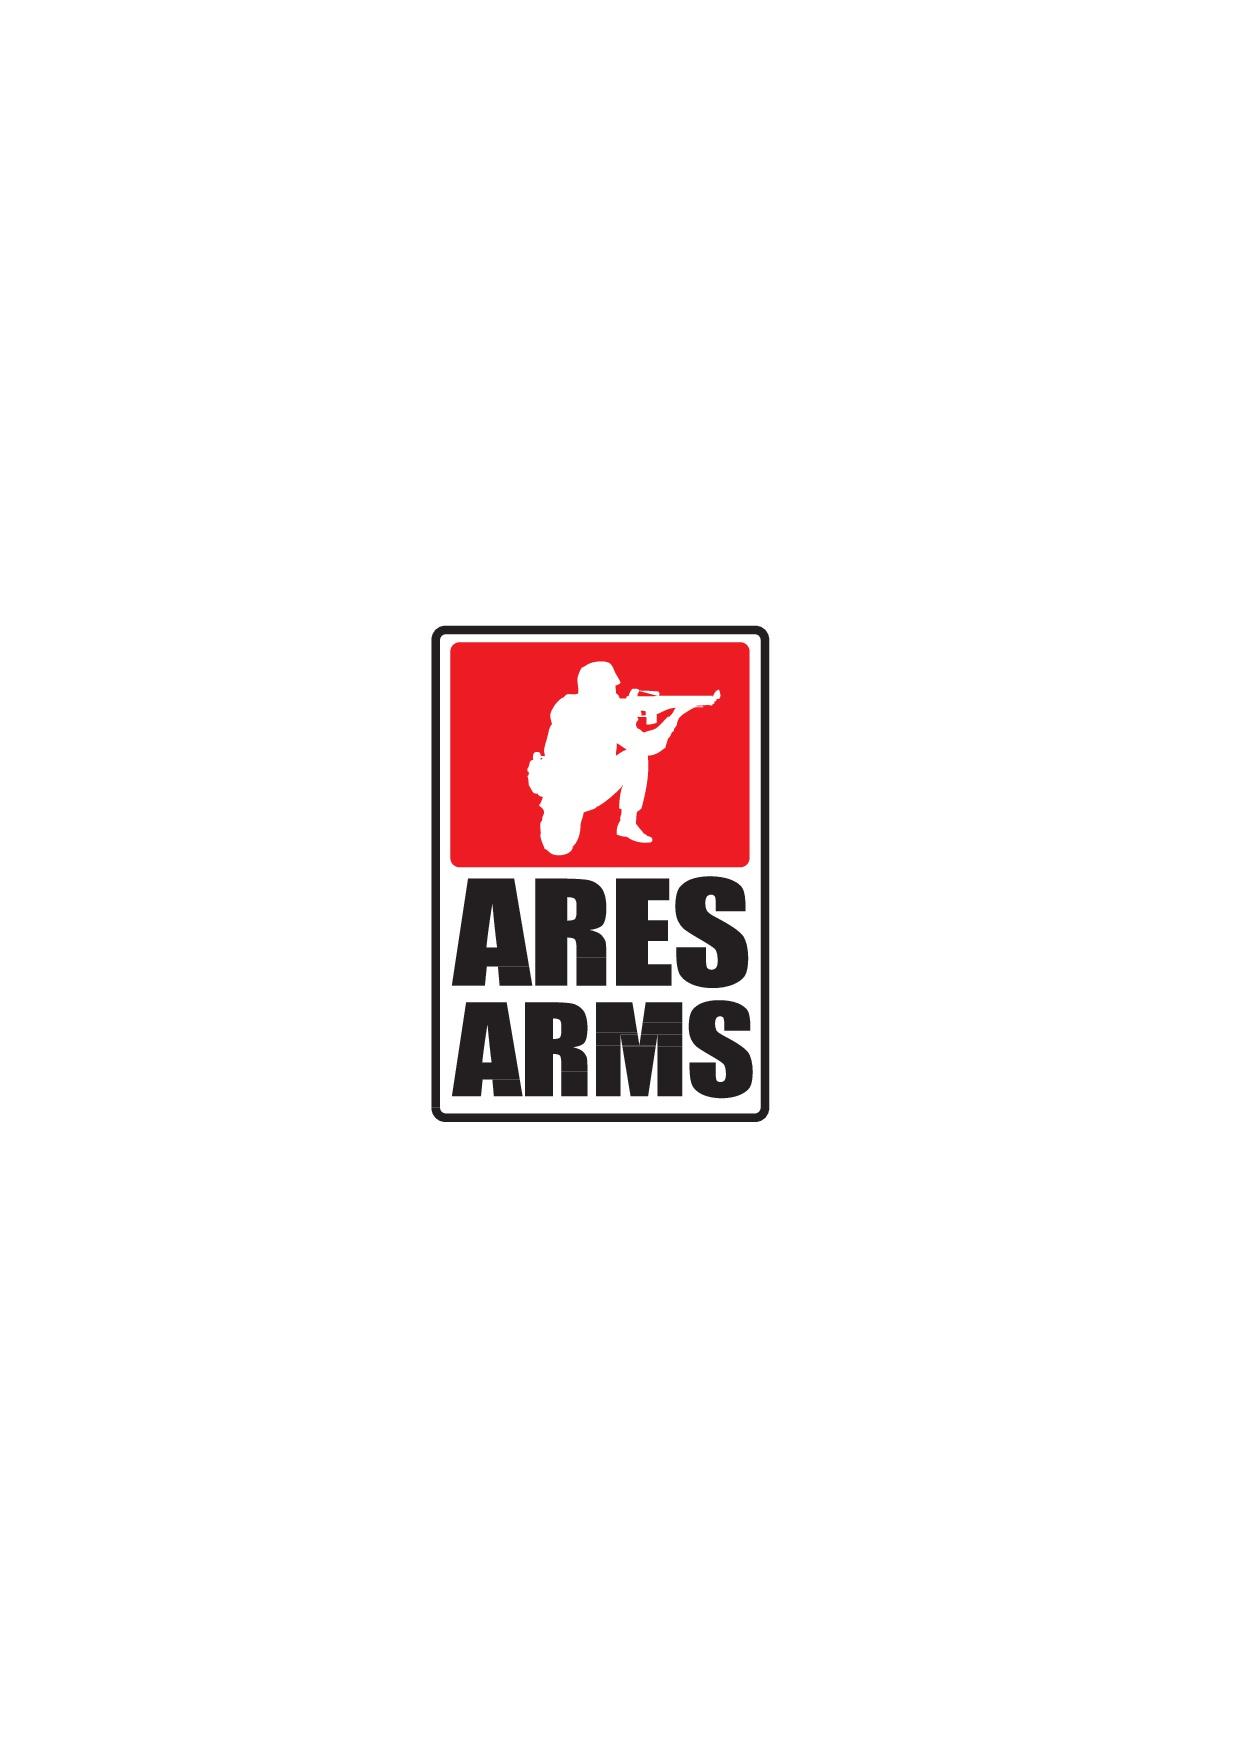 AresArms